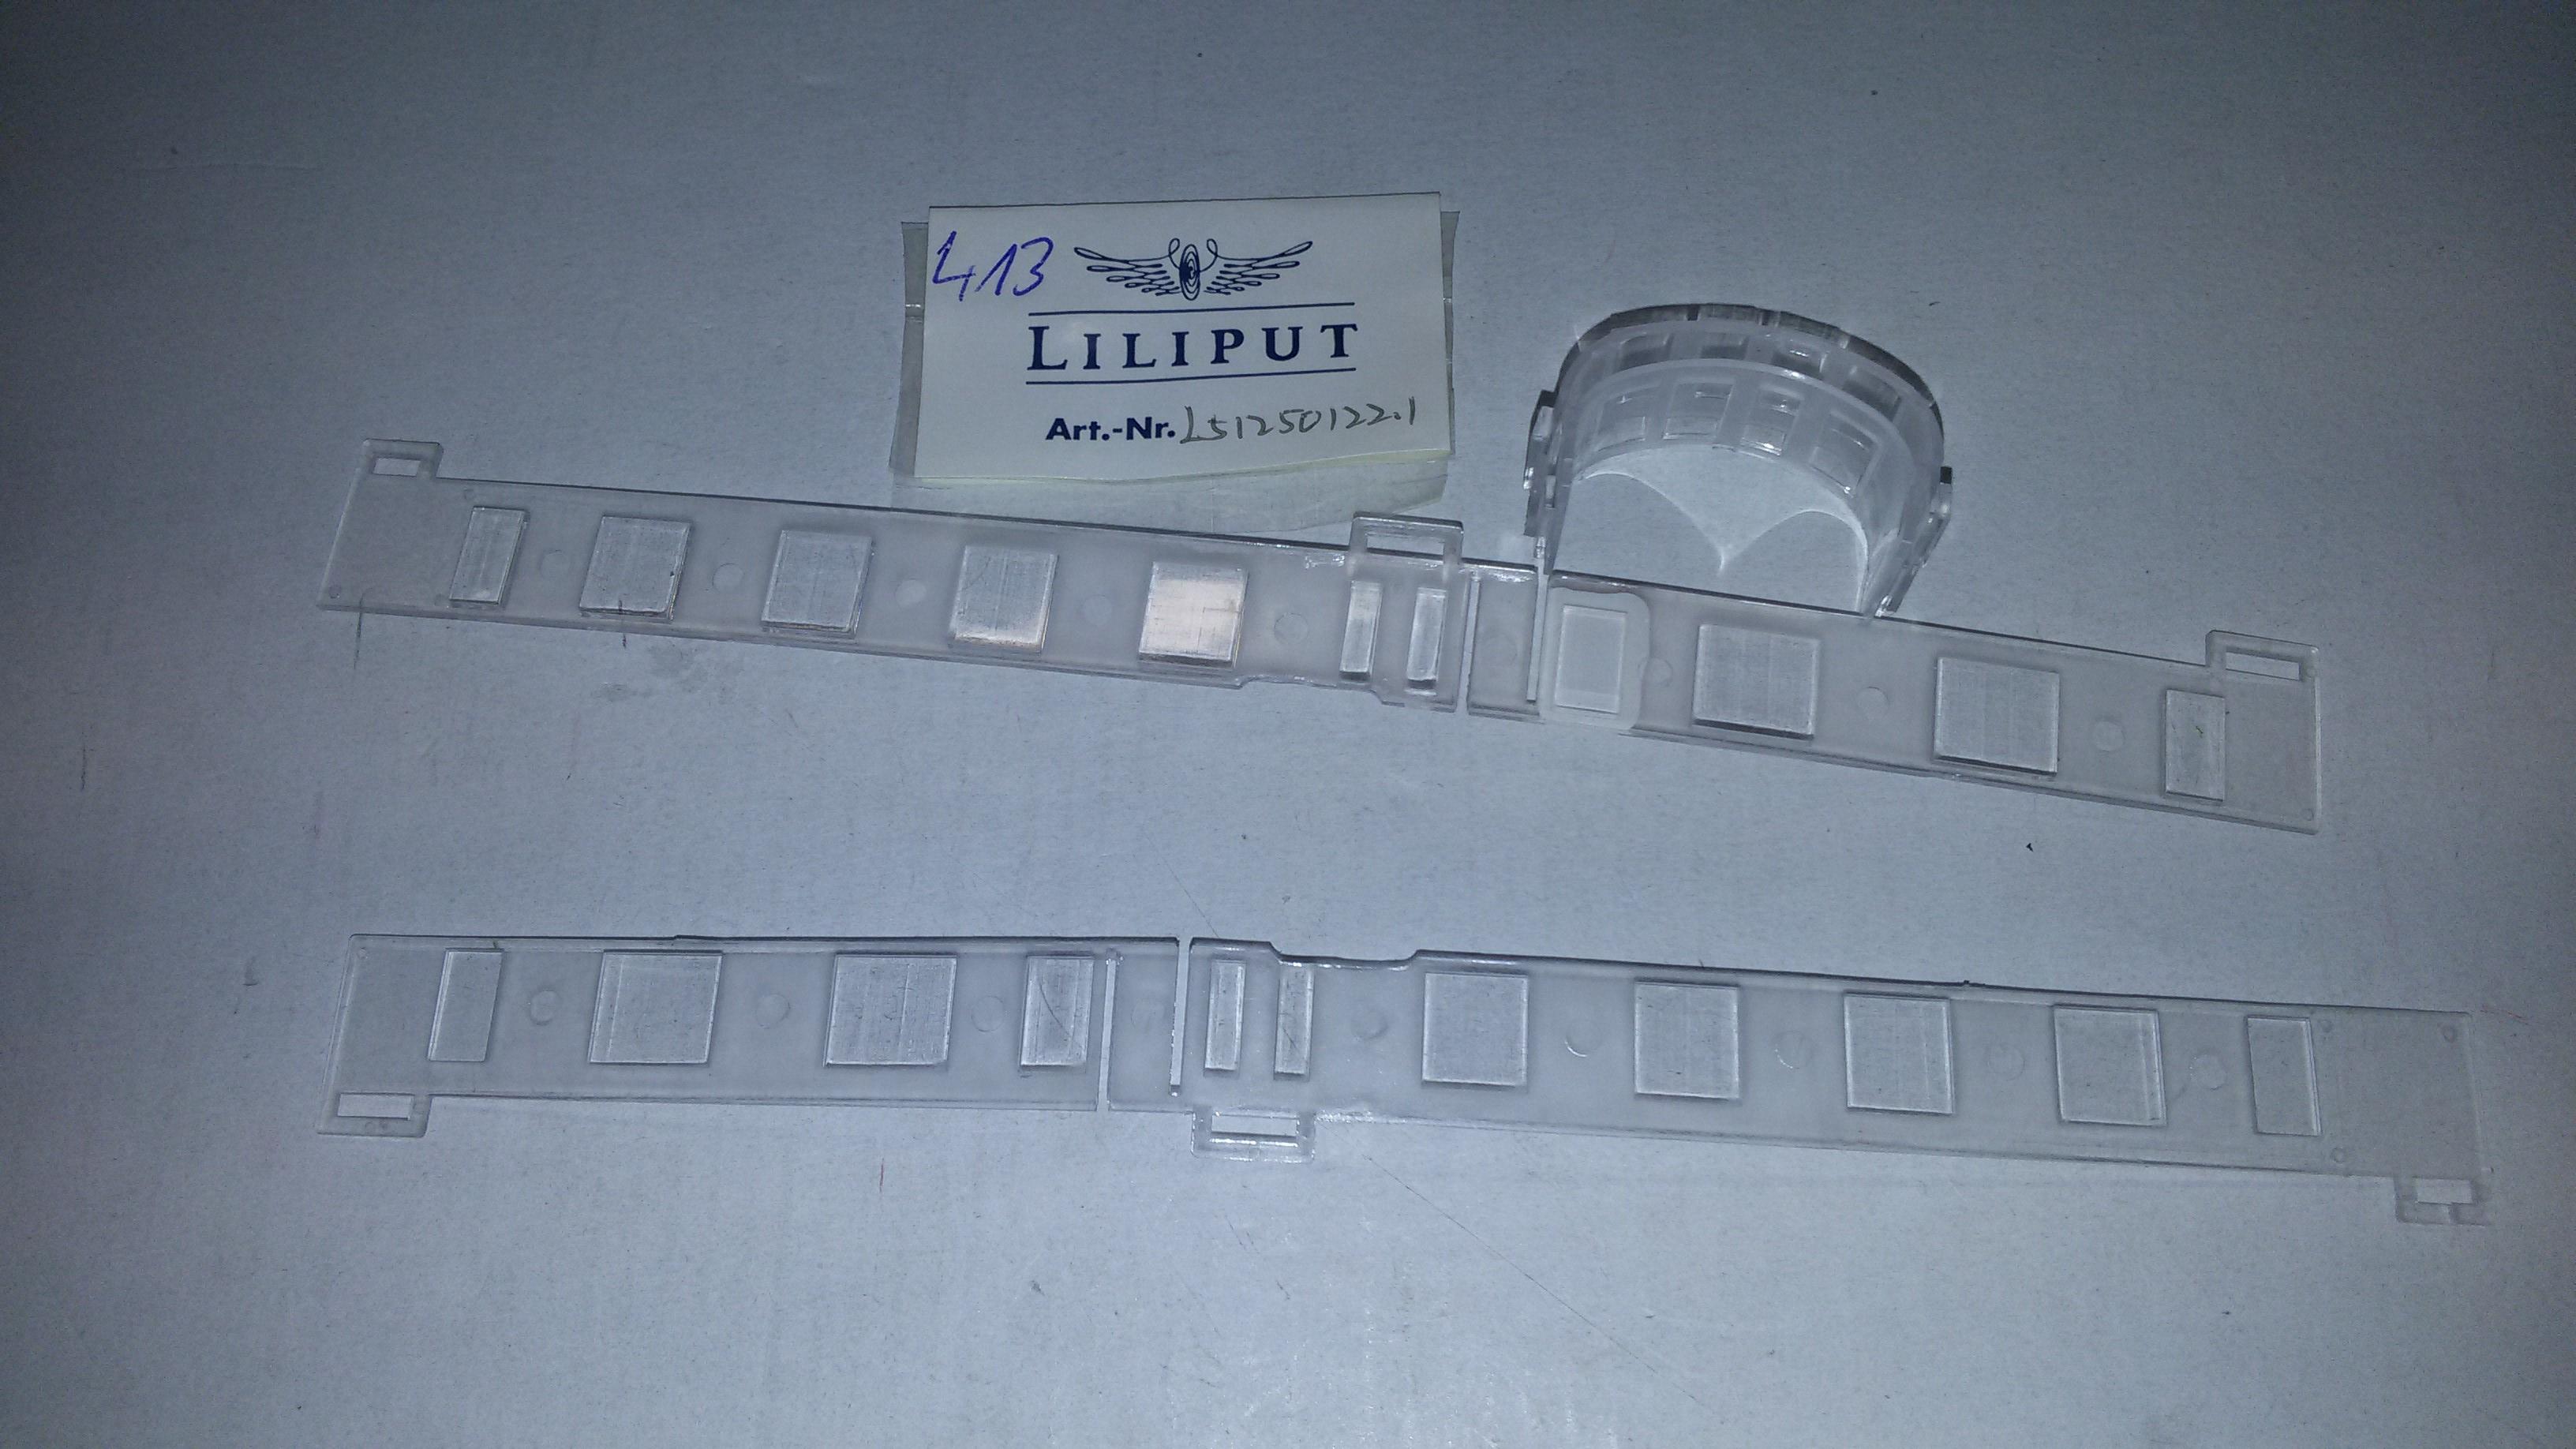 *LO 413* Liliput Ersatzteil L51250122.1 Fenster